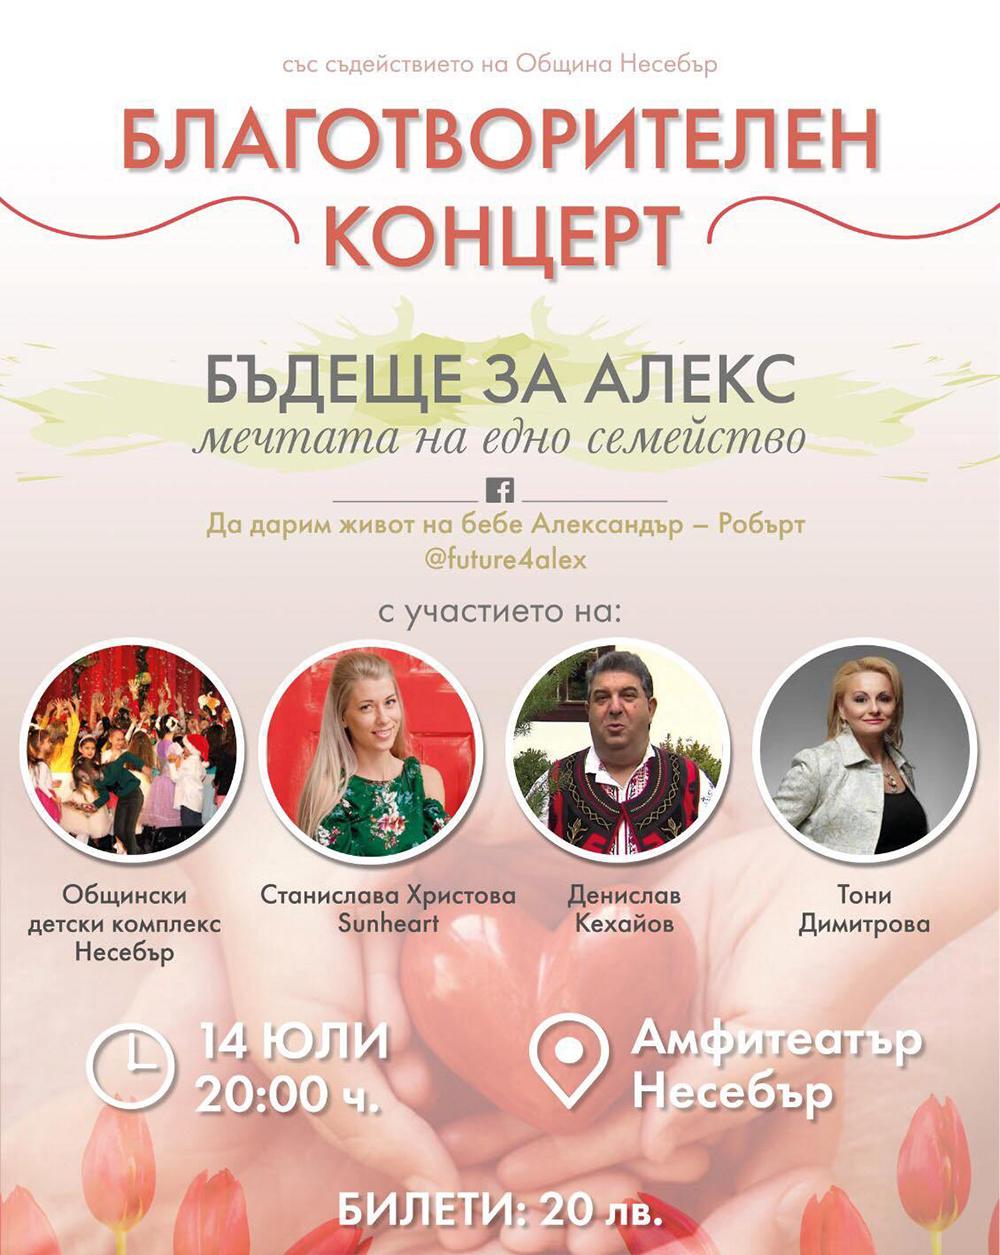 Благотворителен концерт в Несебър с участието на Тони Димитрова